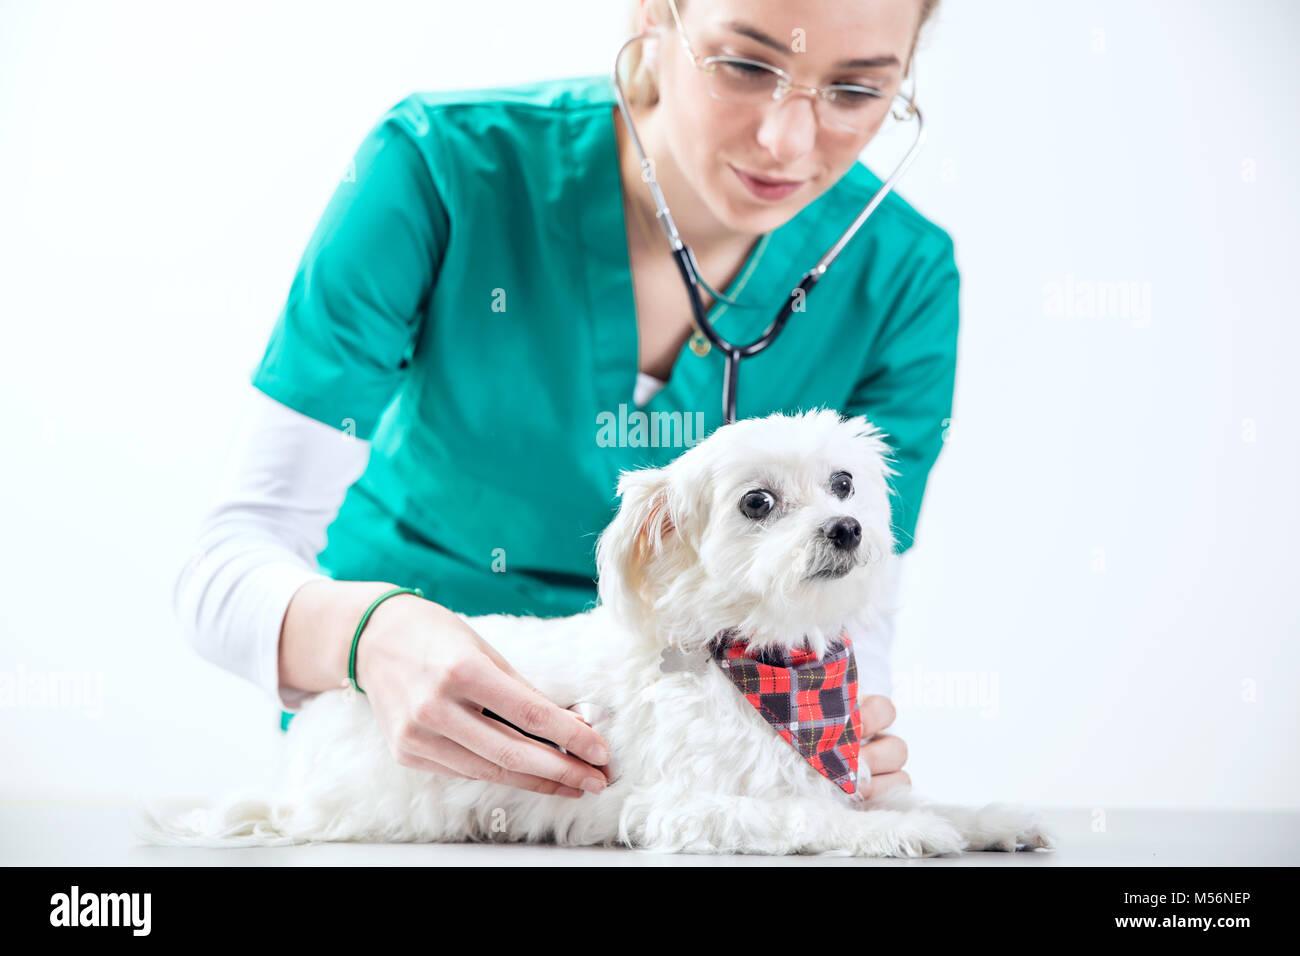 Female vet examinates a dog using a stethoscope - Stock Image